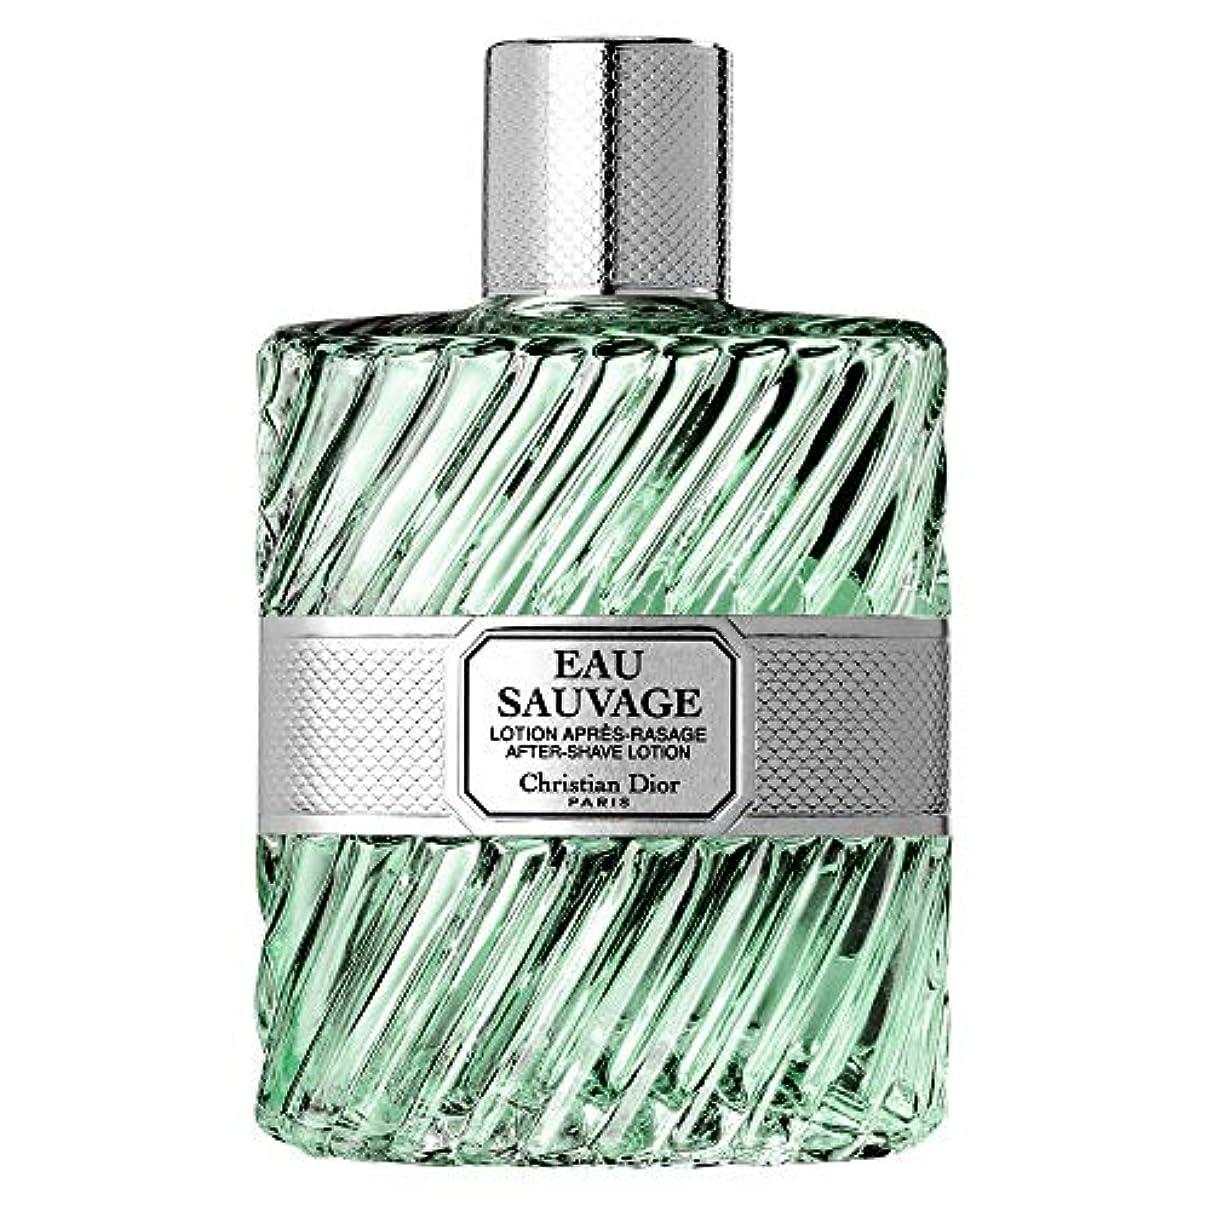 満了データム不変[Dior] ローションスプレー100Mlとしてディオールオーソバージュ - Dior Eau Sauvage AS Lotion Spray 100ml [並行輸入品]